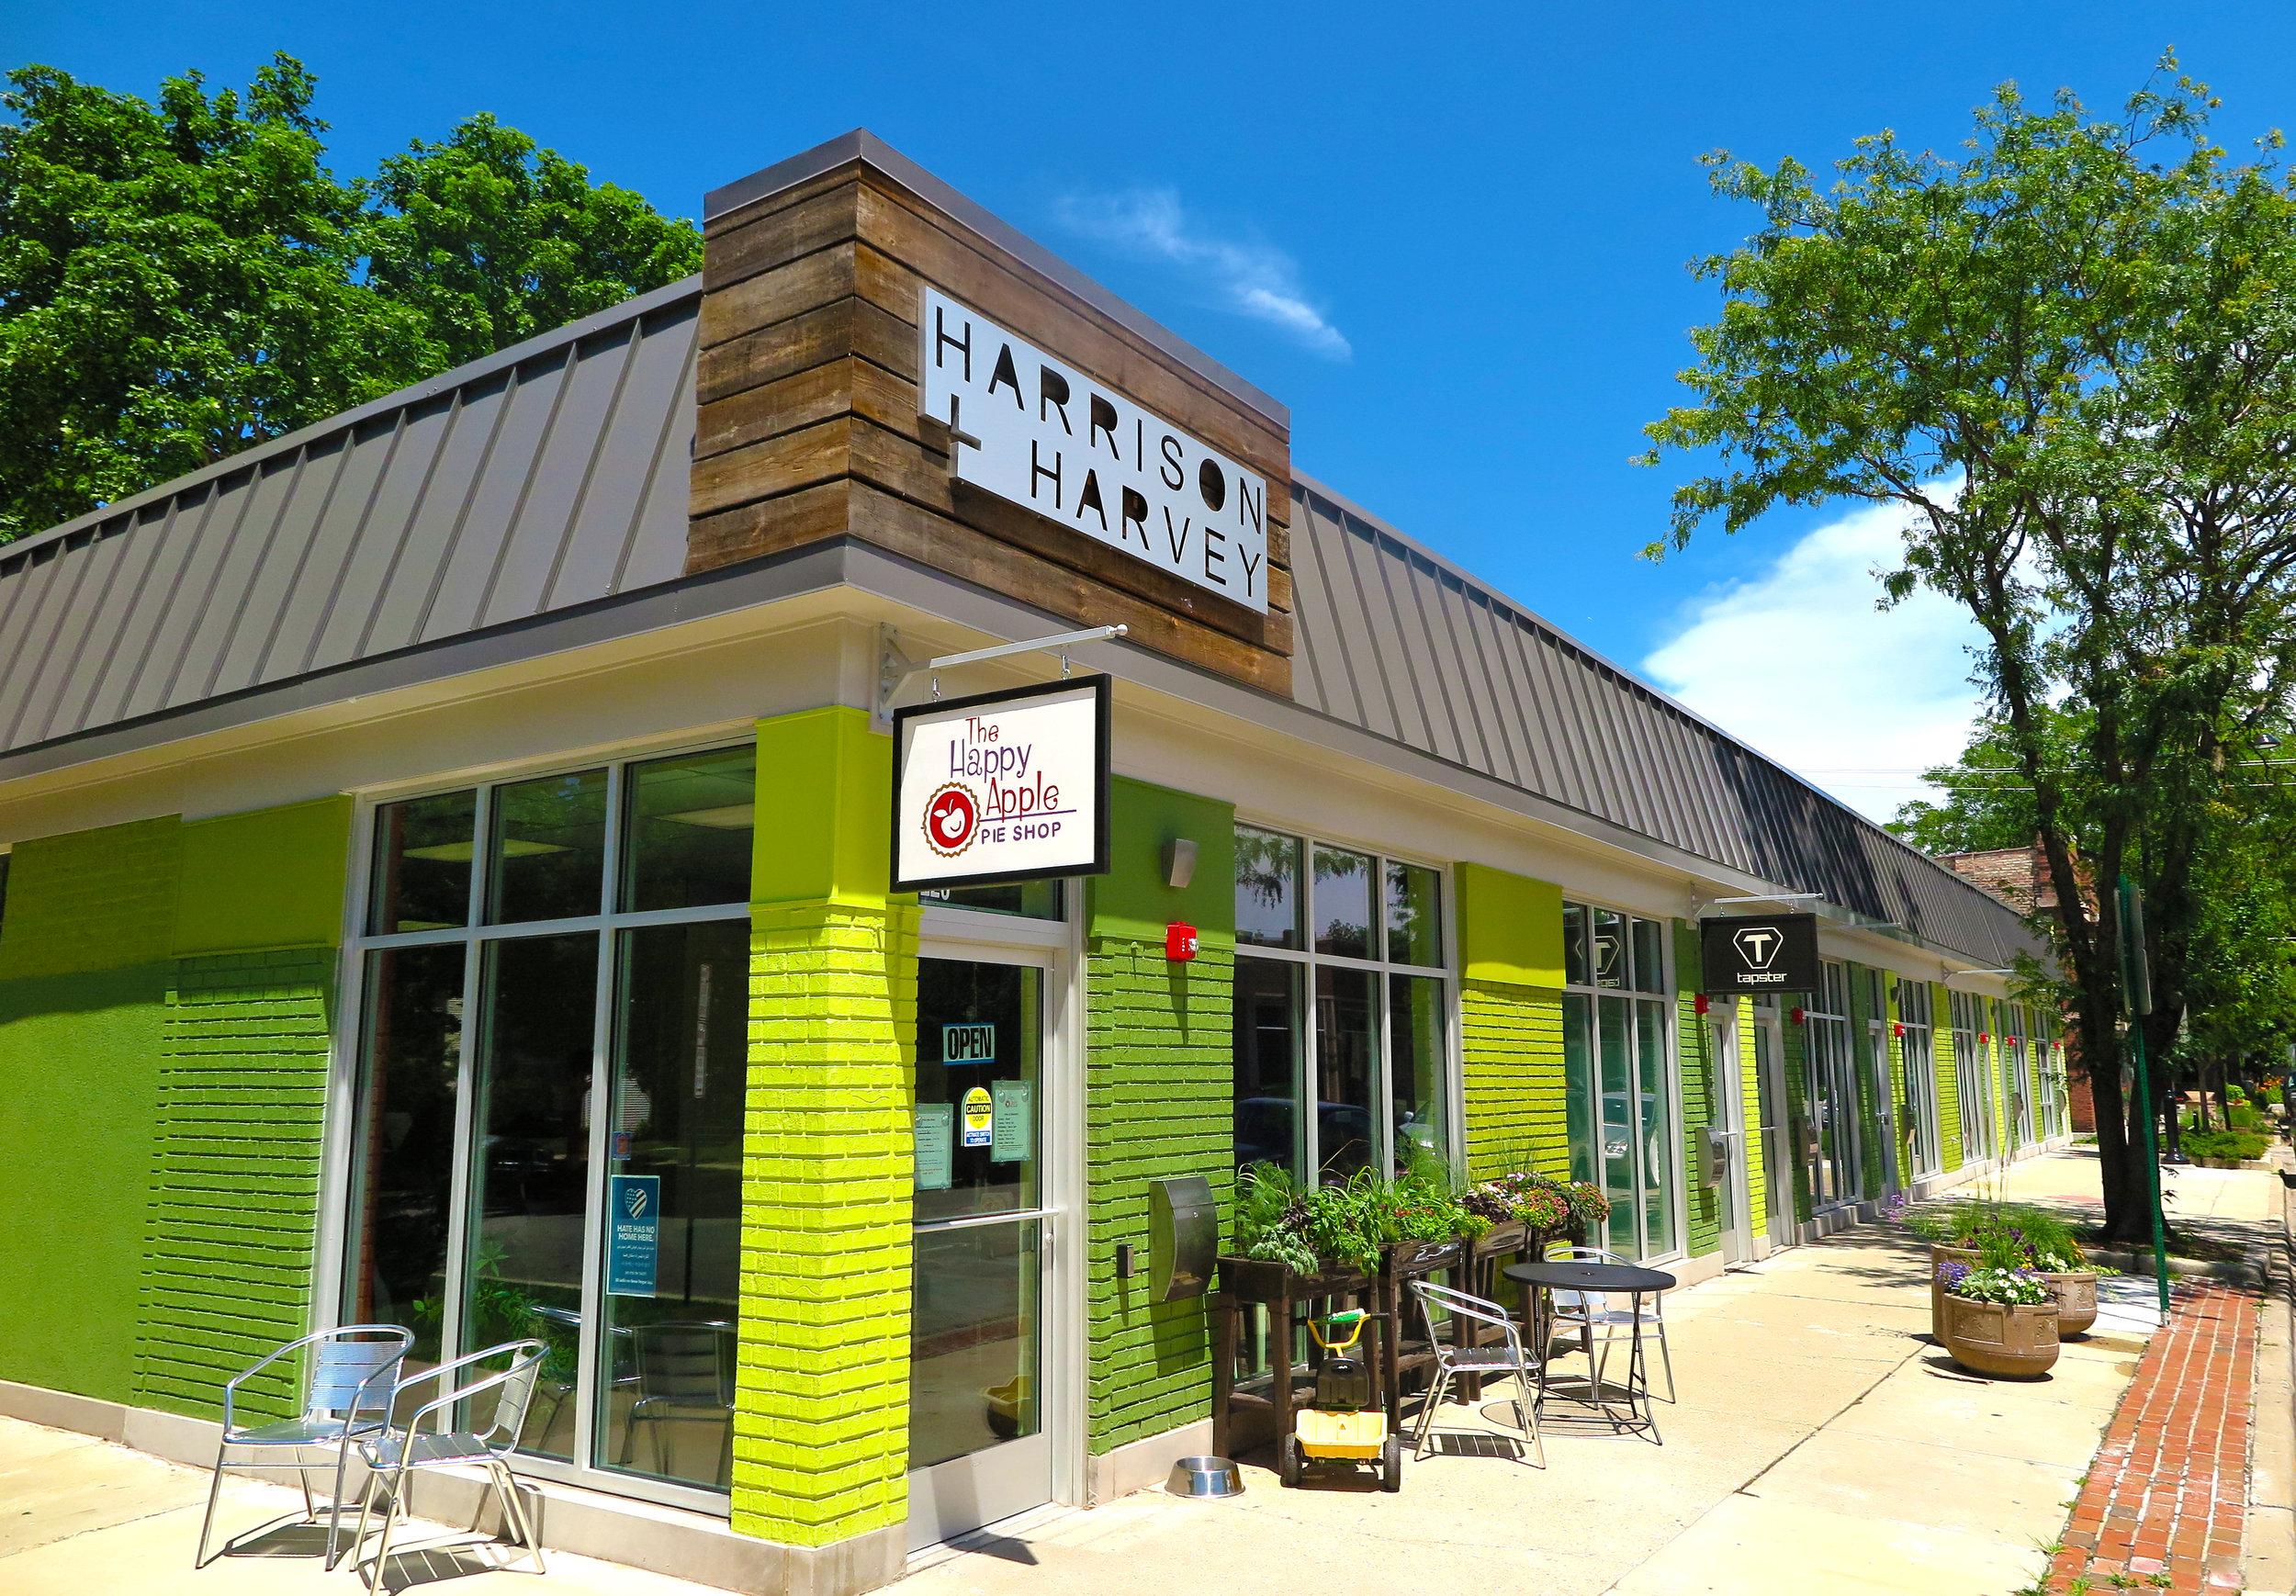 214-226 HARRISON STREET, OAK PARK, ILLINOIS